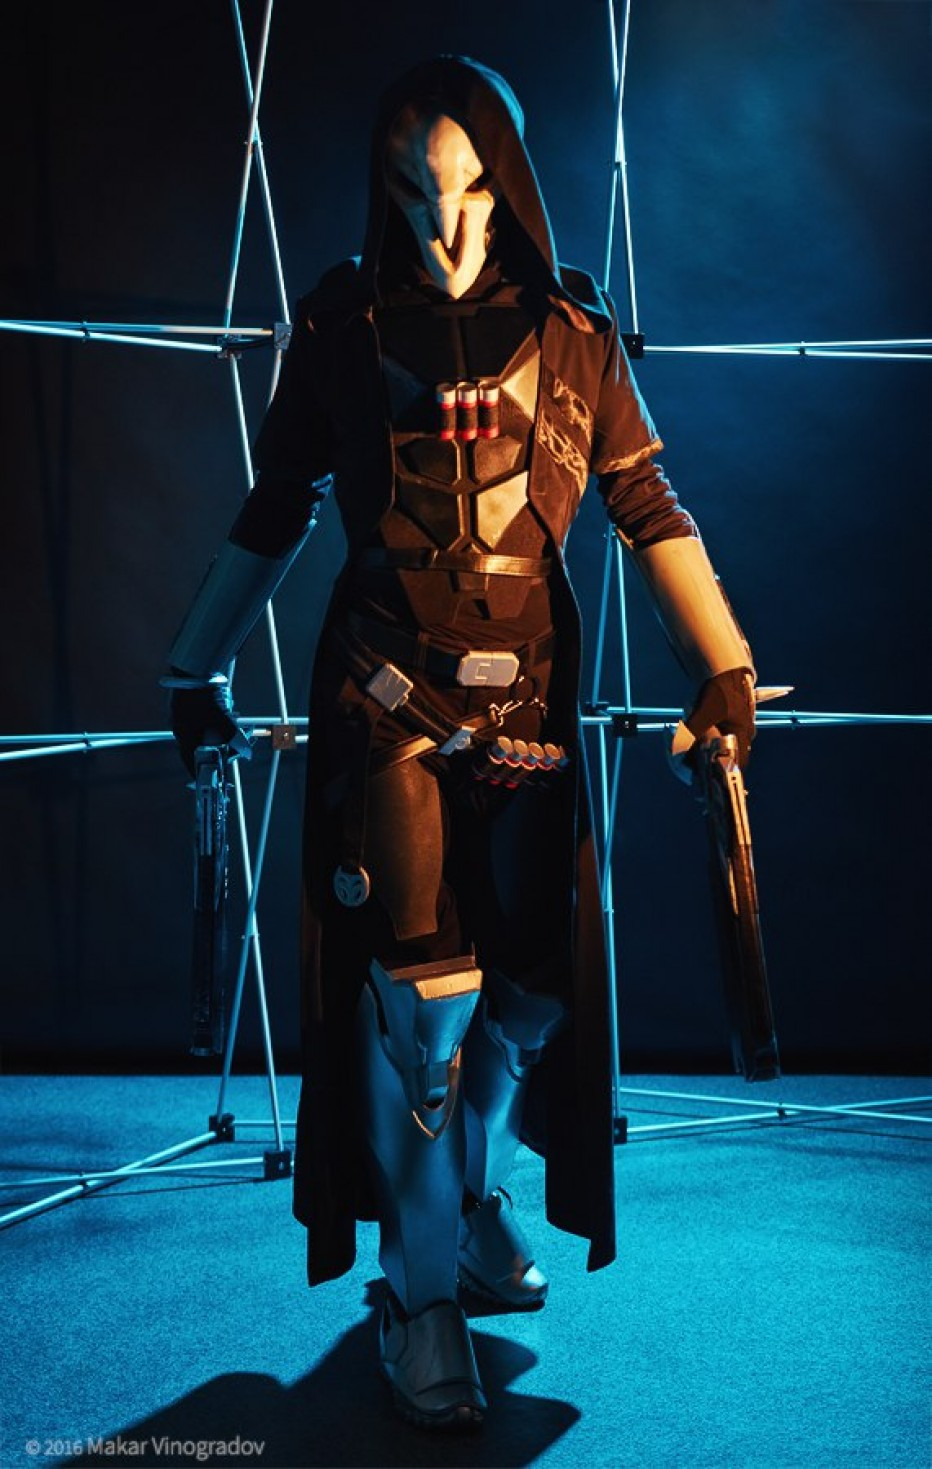 Overwatch-Reaper-Cosplay-Gamers-Heroes-5.jpg